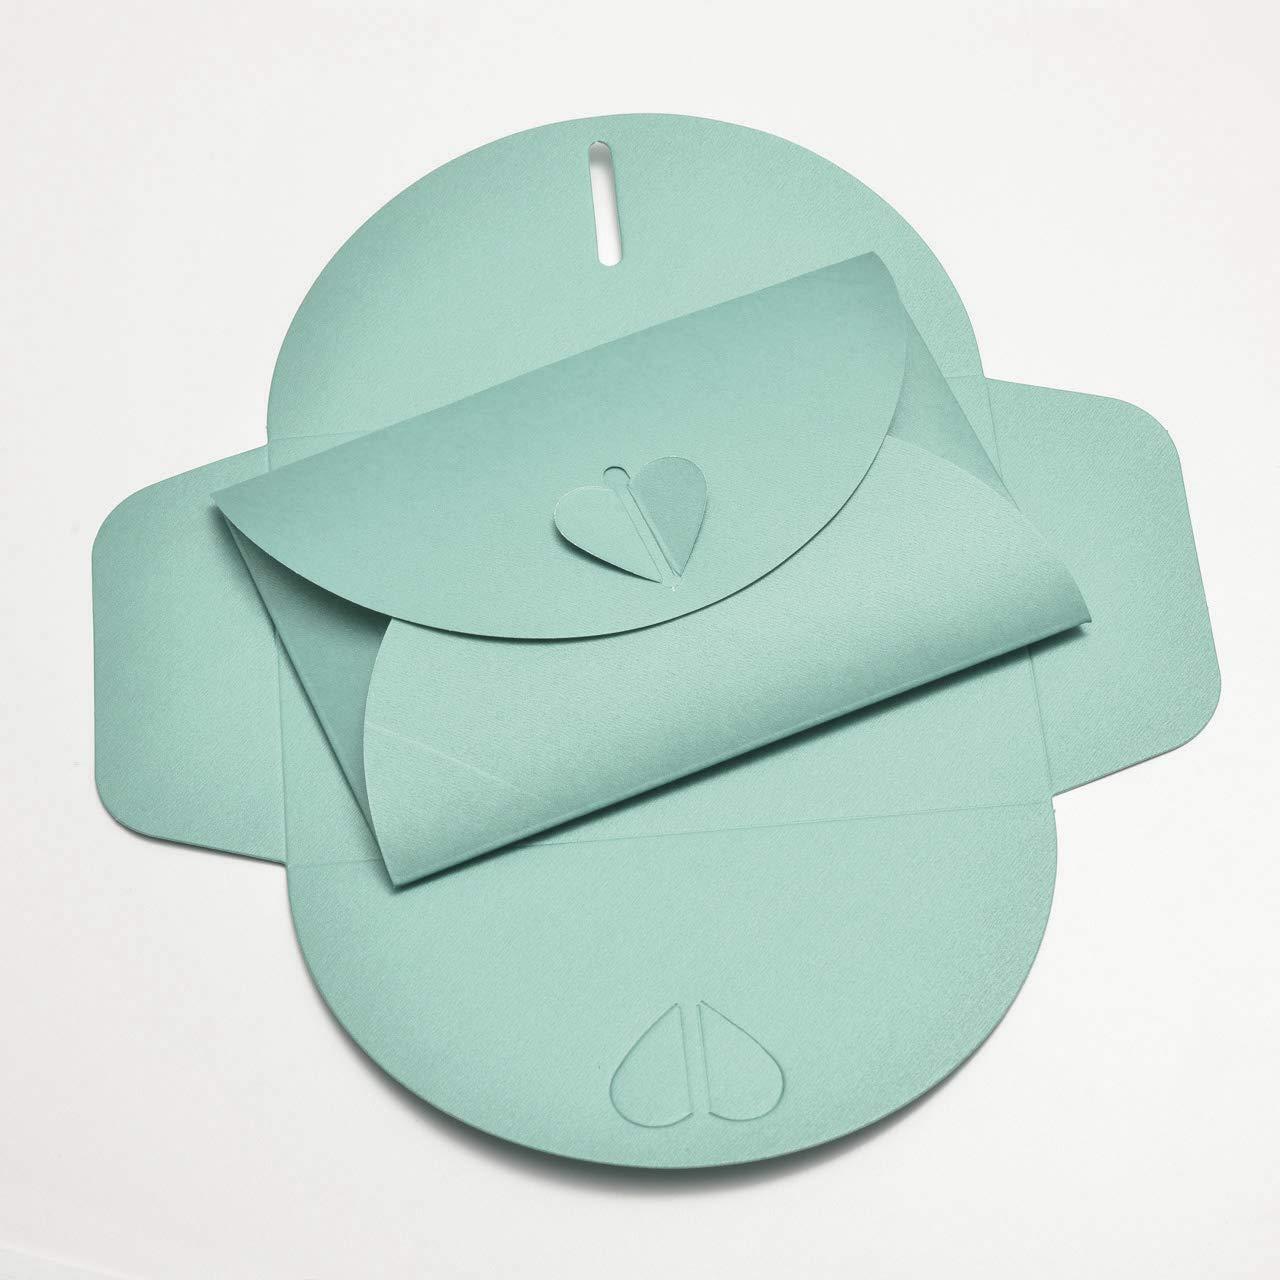 Karten und Co lettera damore 162 x 144 mm bianco - 20 buste a forma di cuore in cartone perlato ad esempio per inviti a matrimonio fidanzamento C6 = 162 x 114 mm